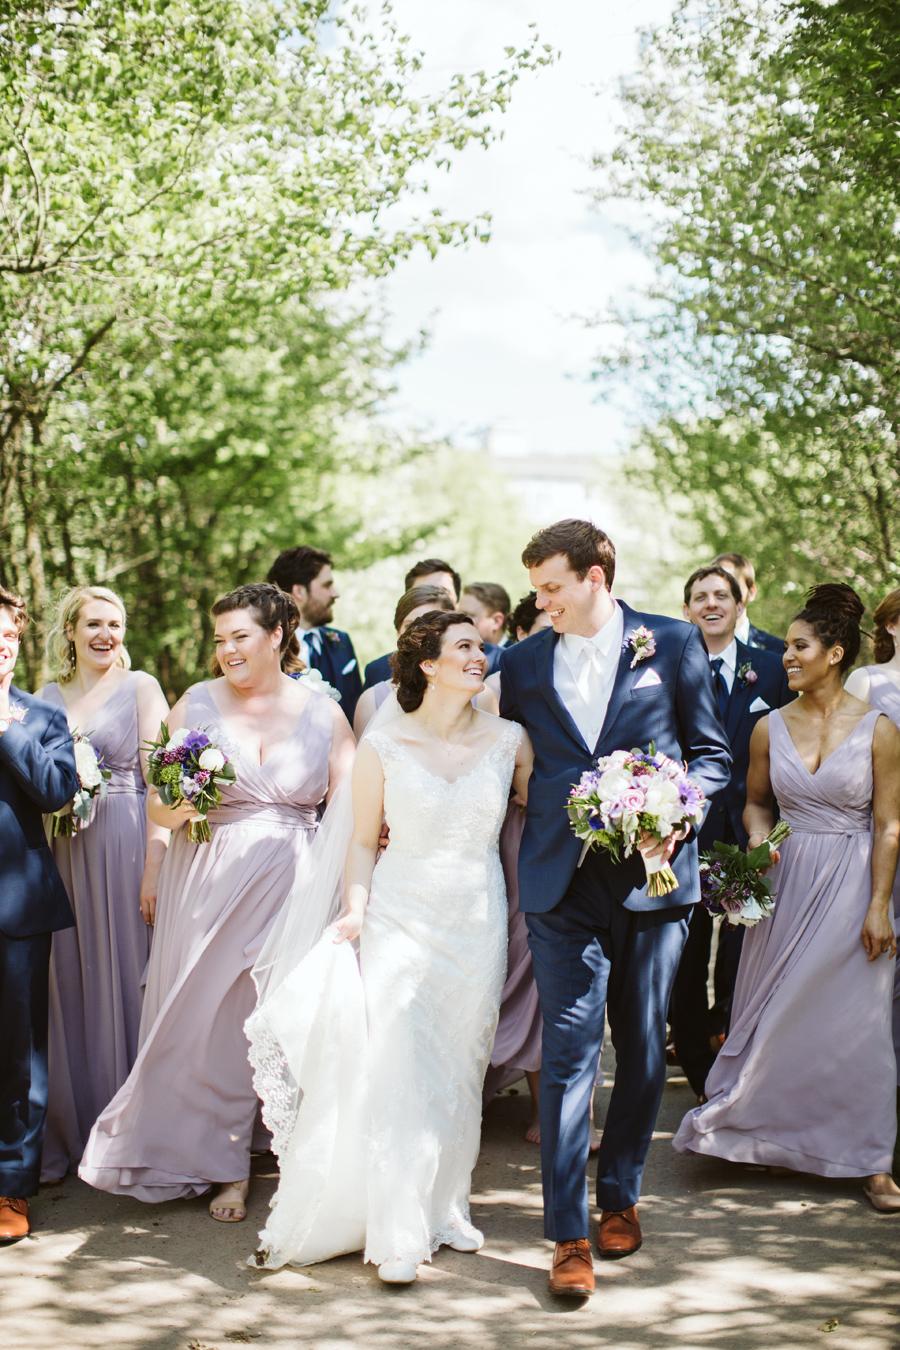 lambeaufieldwedding024.jpg